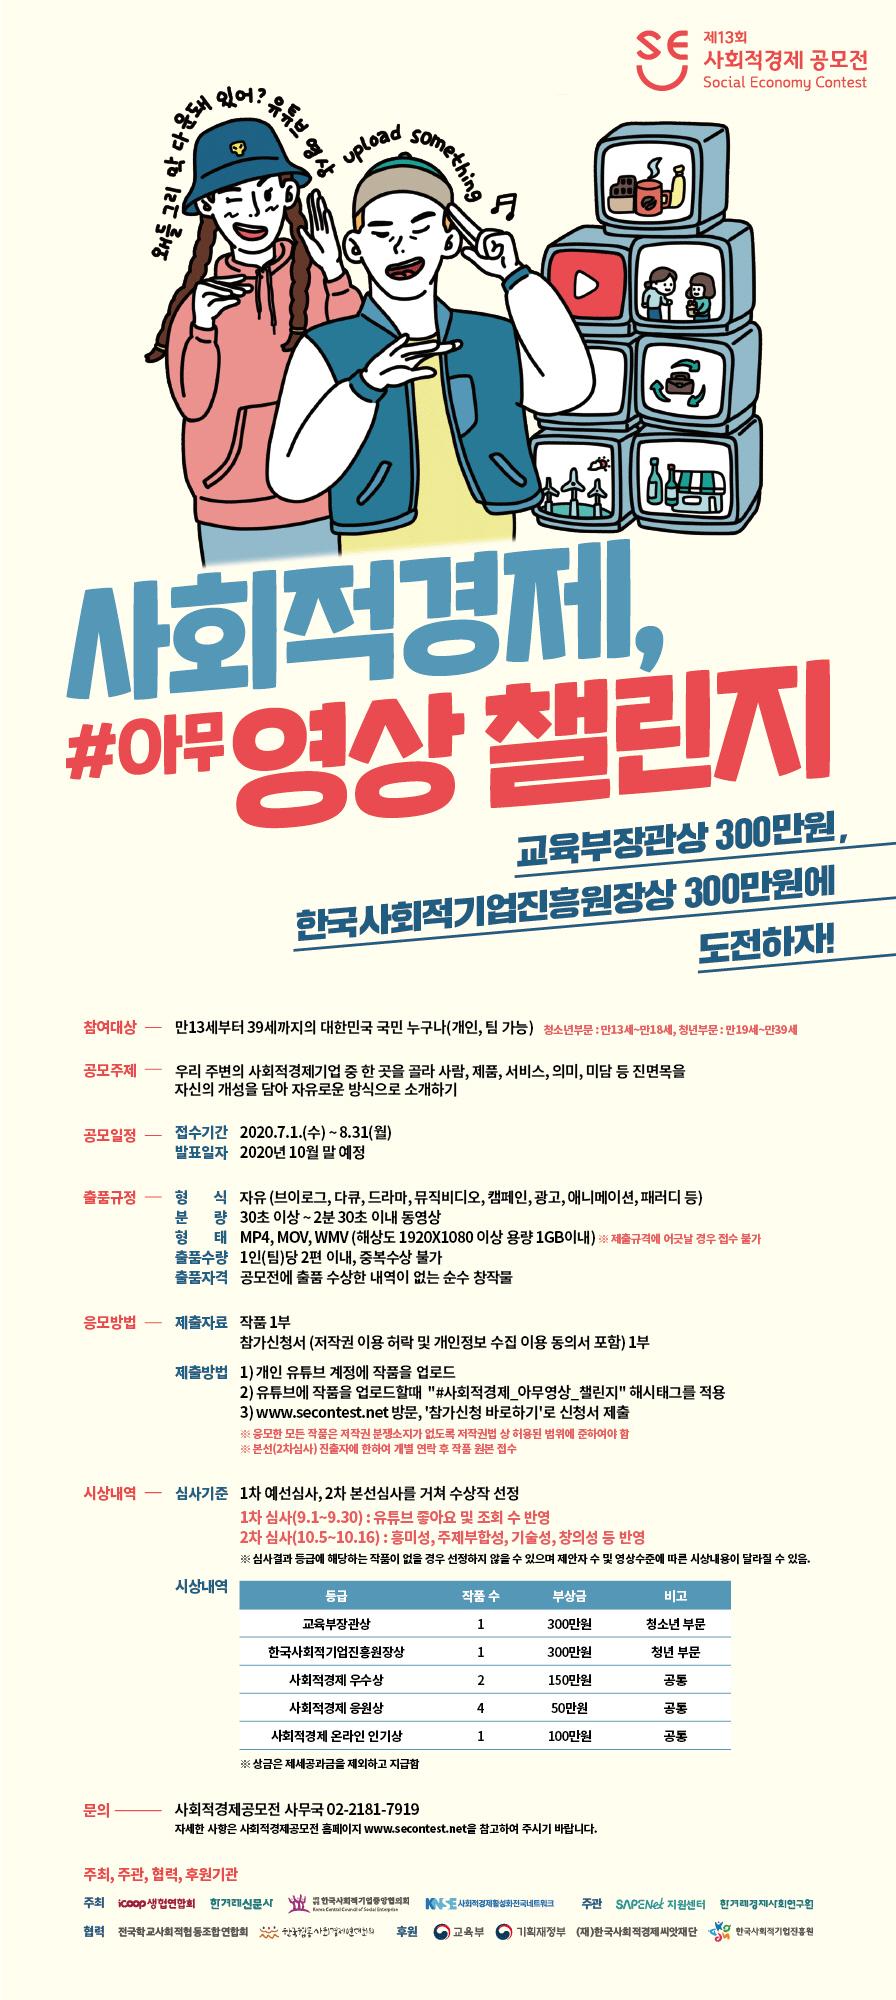 2020사회적경제영상공모전_기본웹자보.jpg